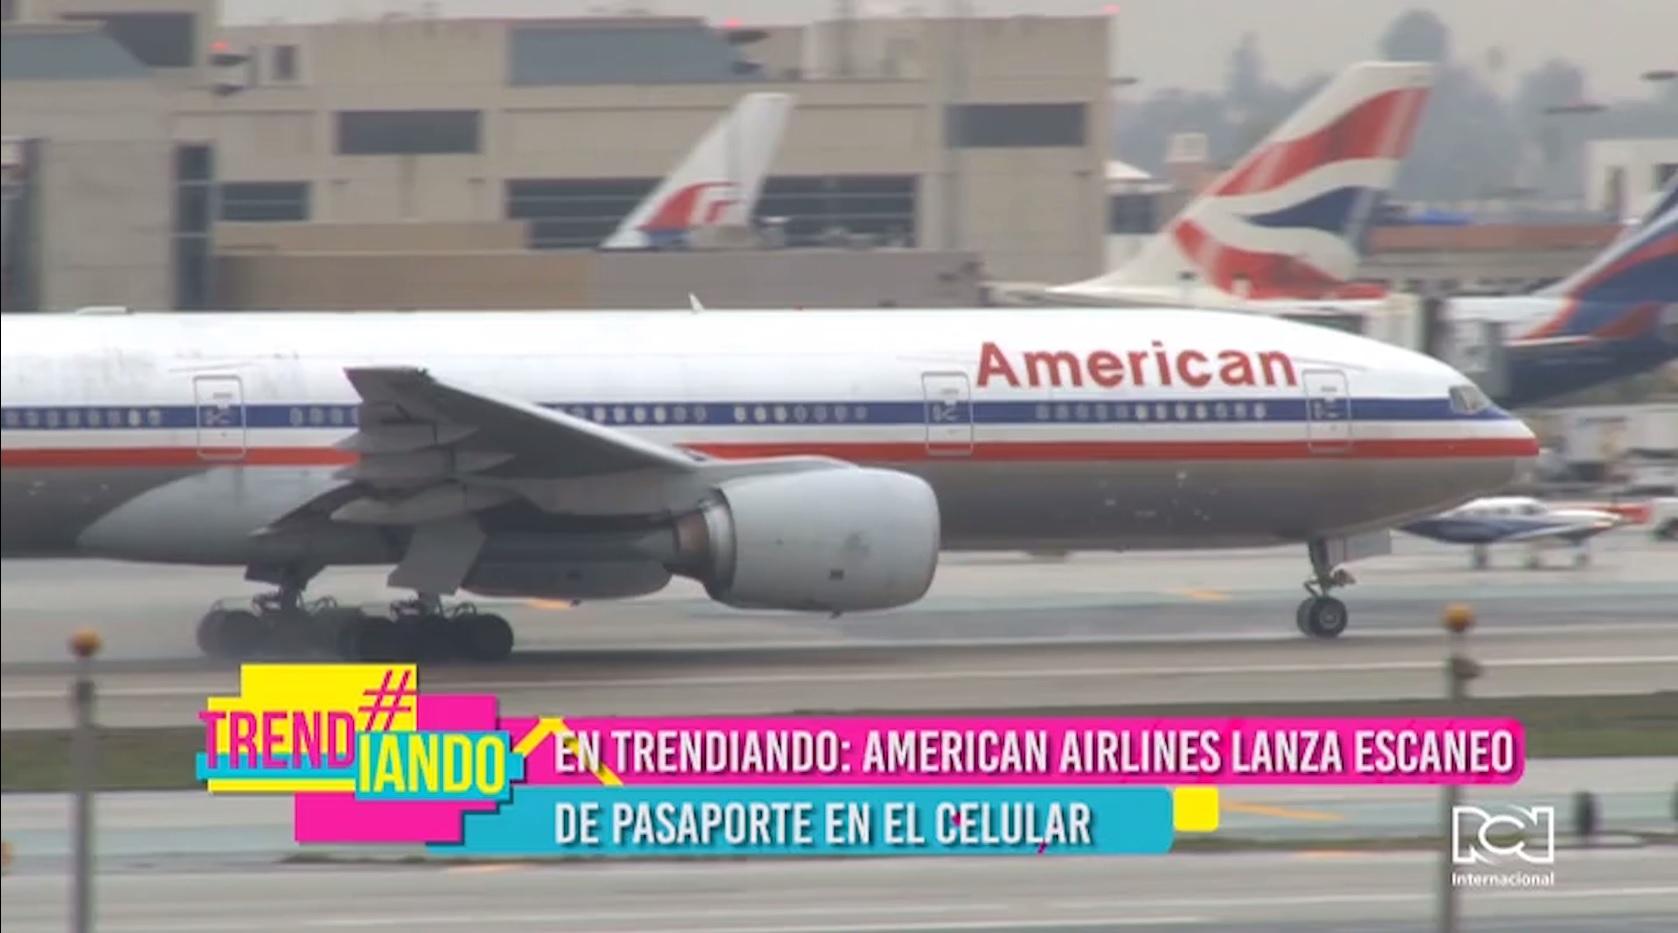 Lo más trending es American Airlines.